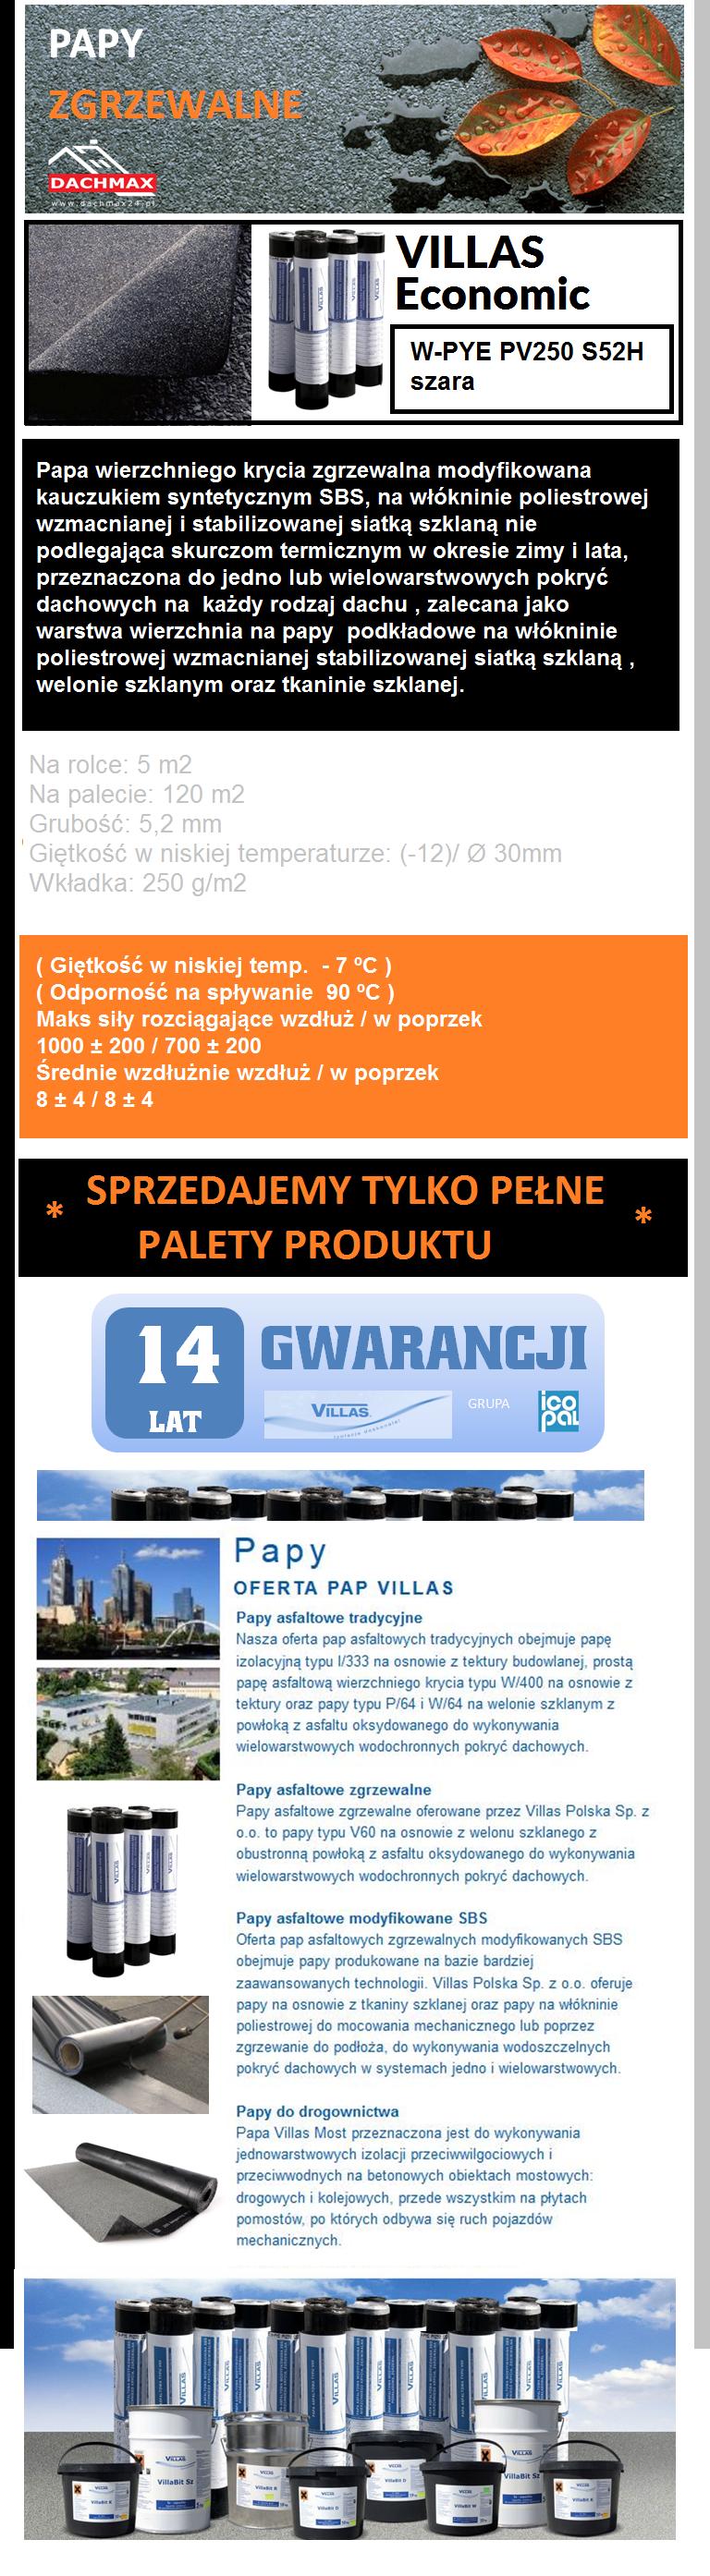 VILLAS Economic W-PYE PV250 S52H Papa wierzchniego krycia modyfikowana kauczukiem syntetycznym SBS